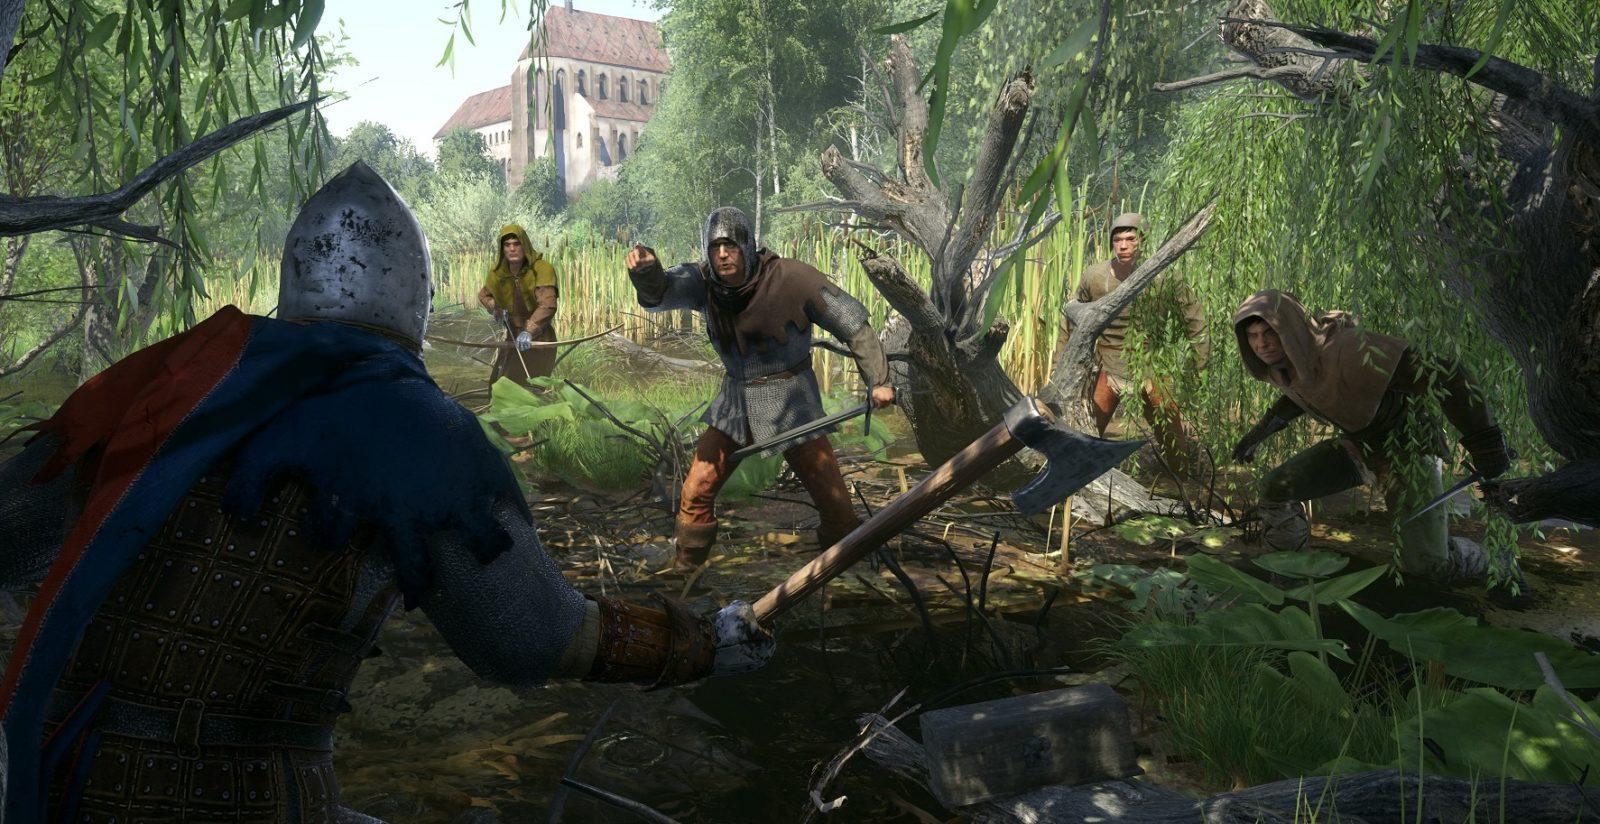 ТОП 10 игр на ПК 2018 смотреть видео онлайн